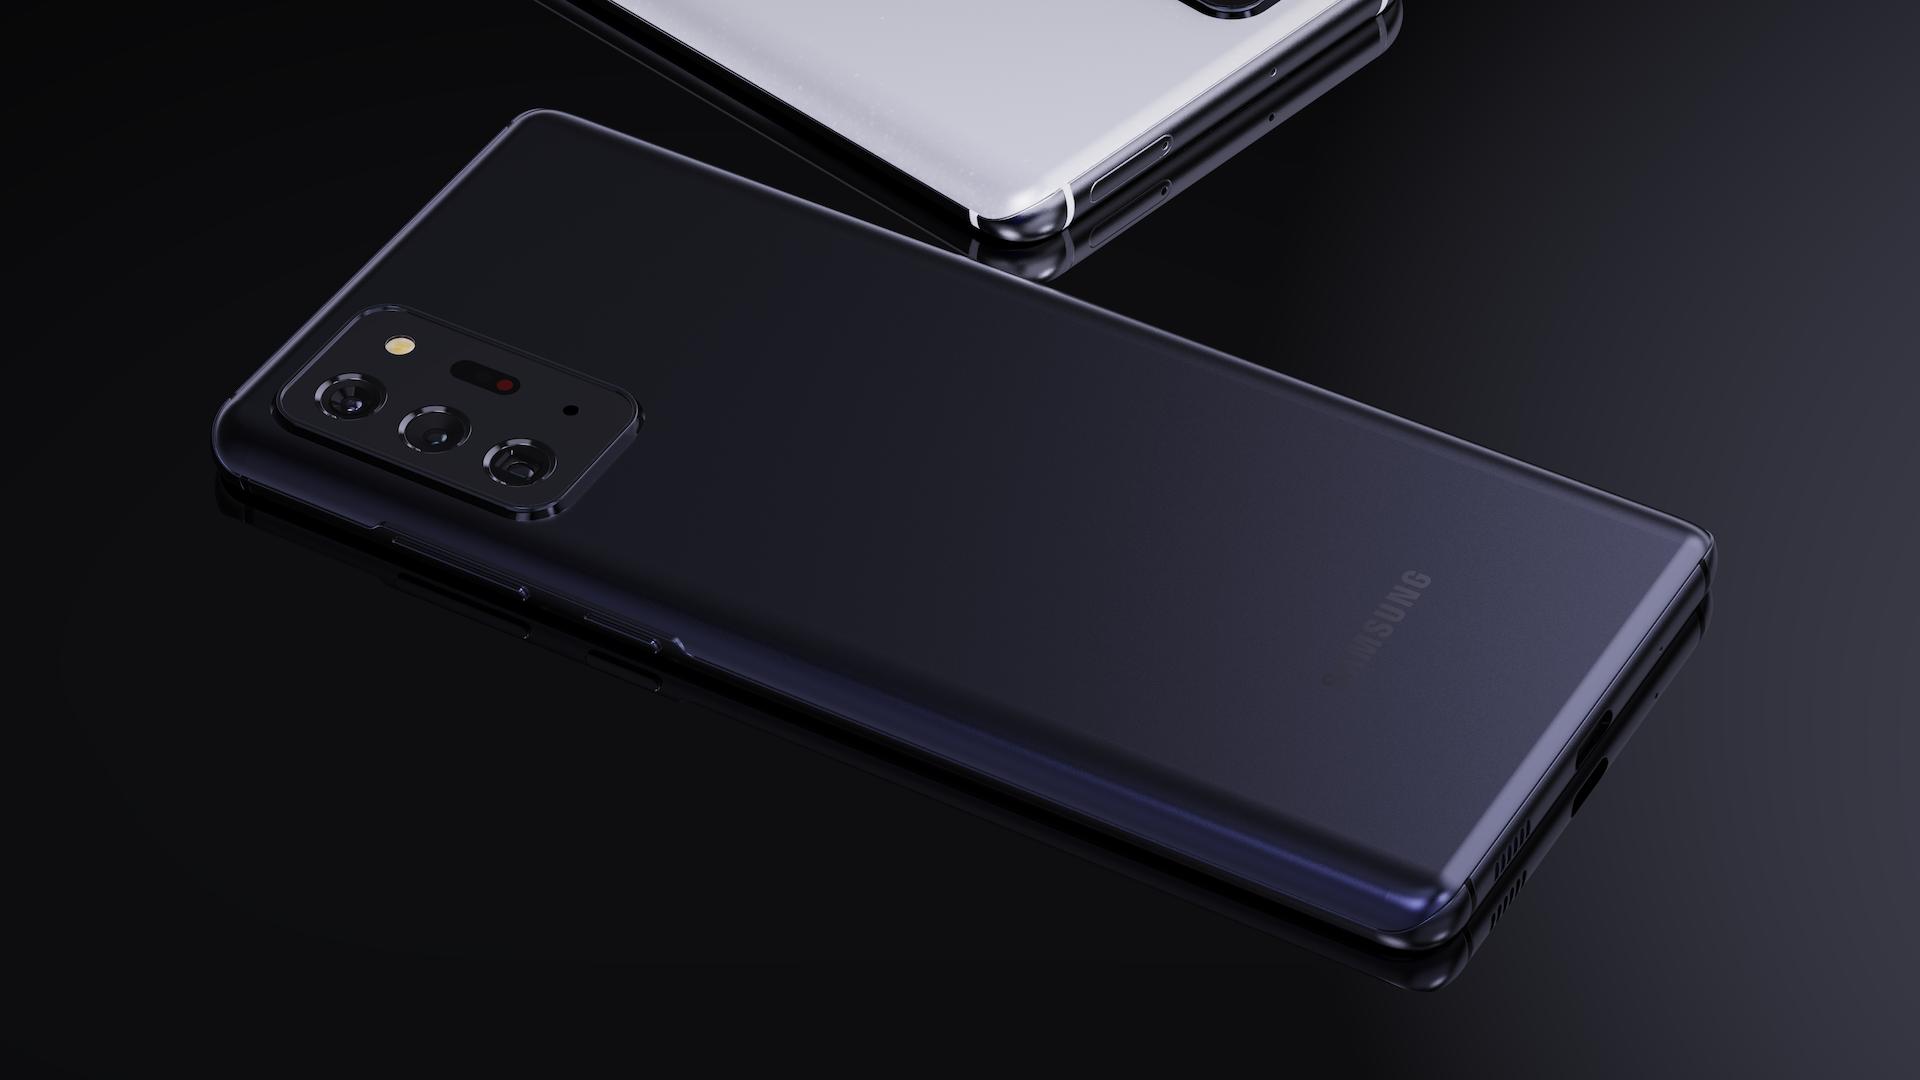 ТОП-8 смартфонов с 3-4 камерами